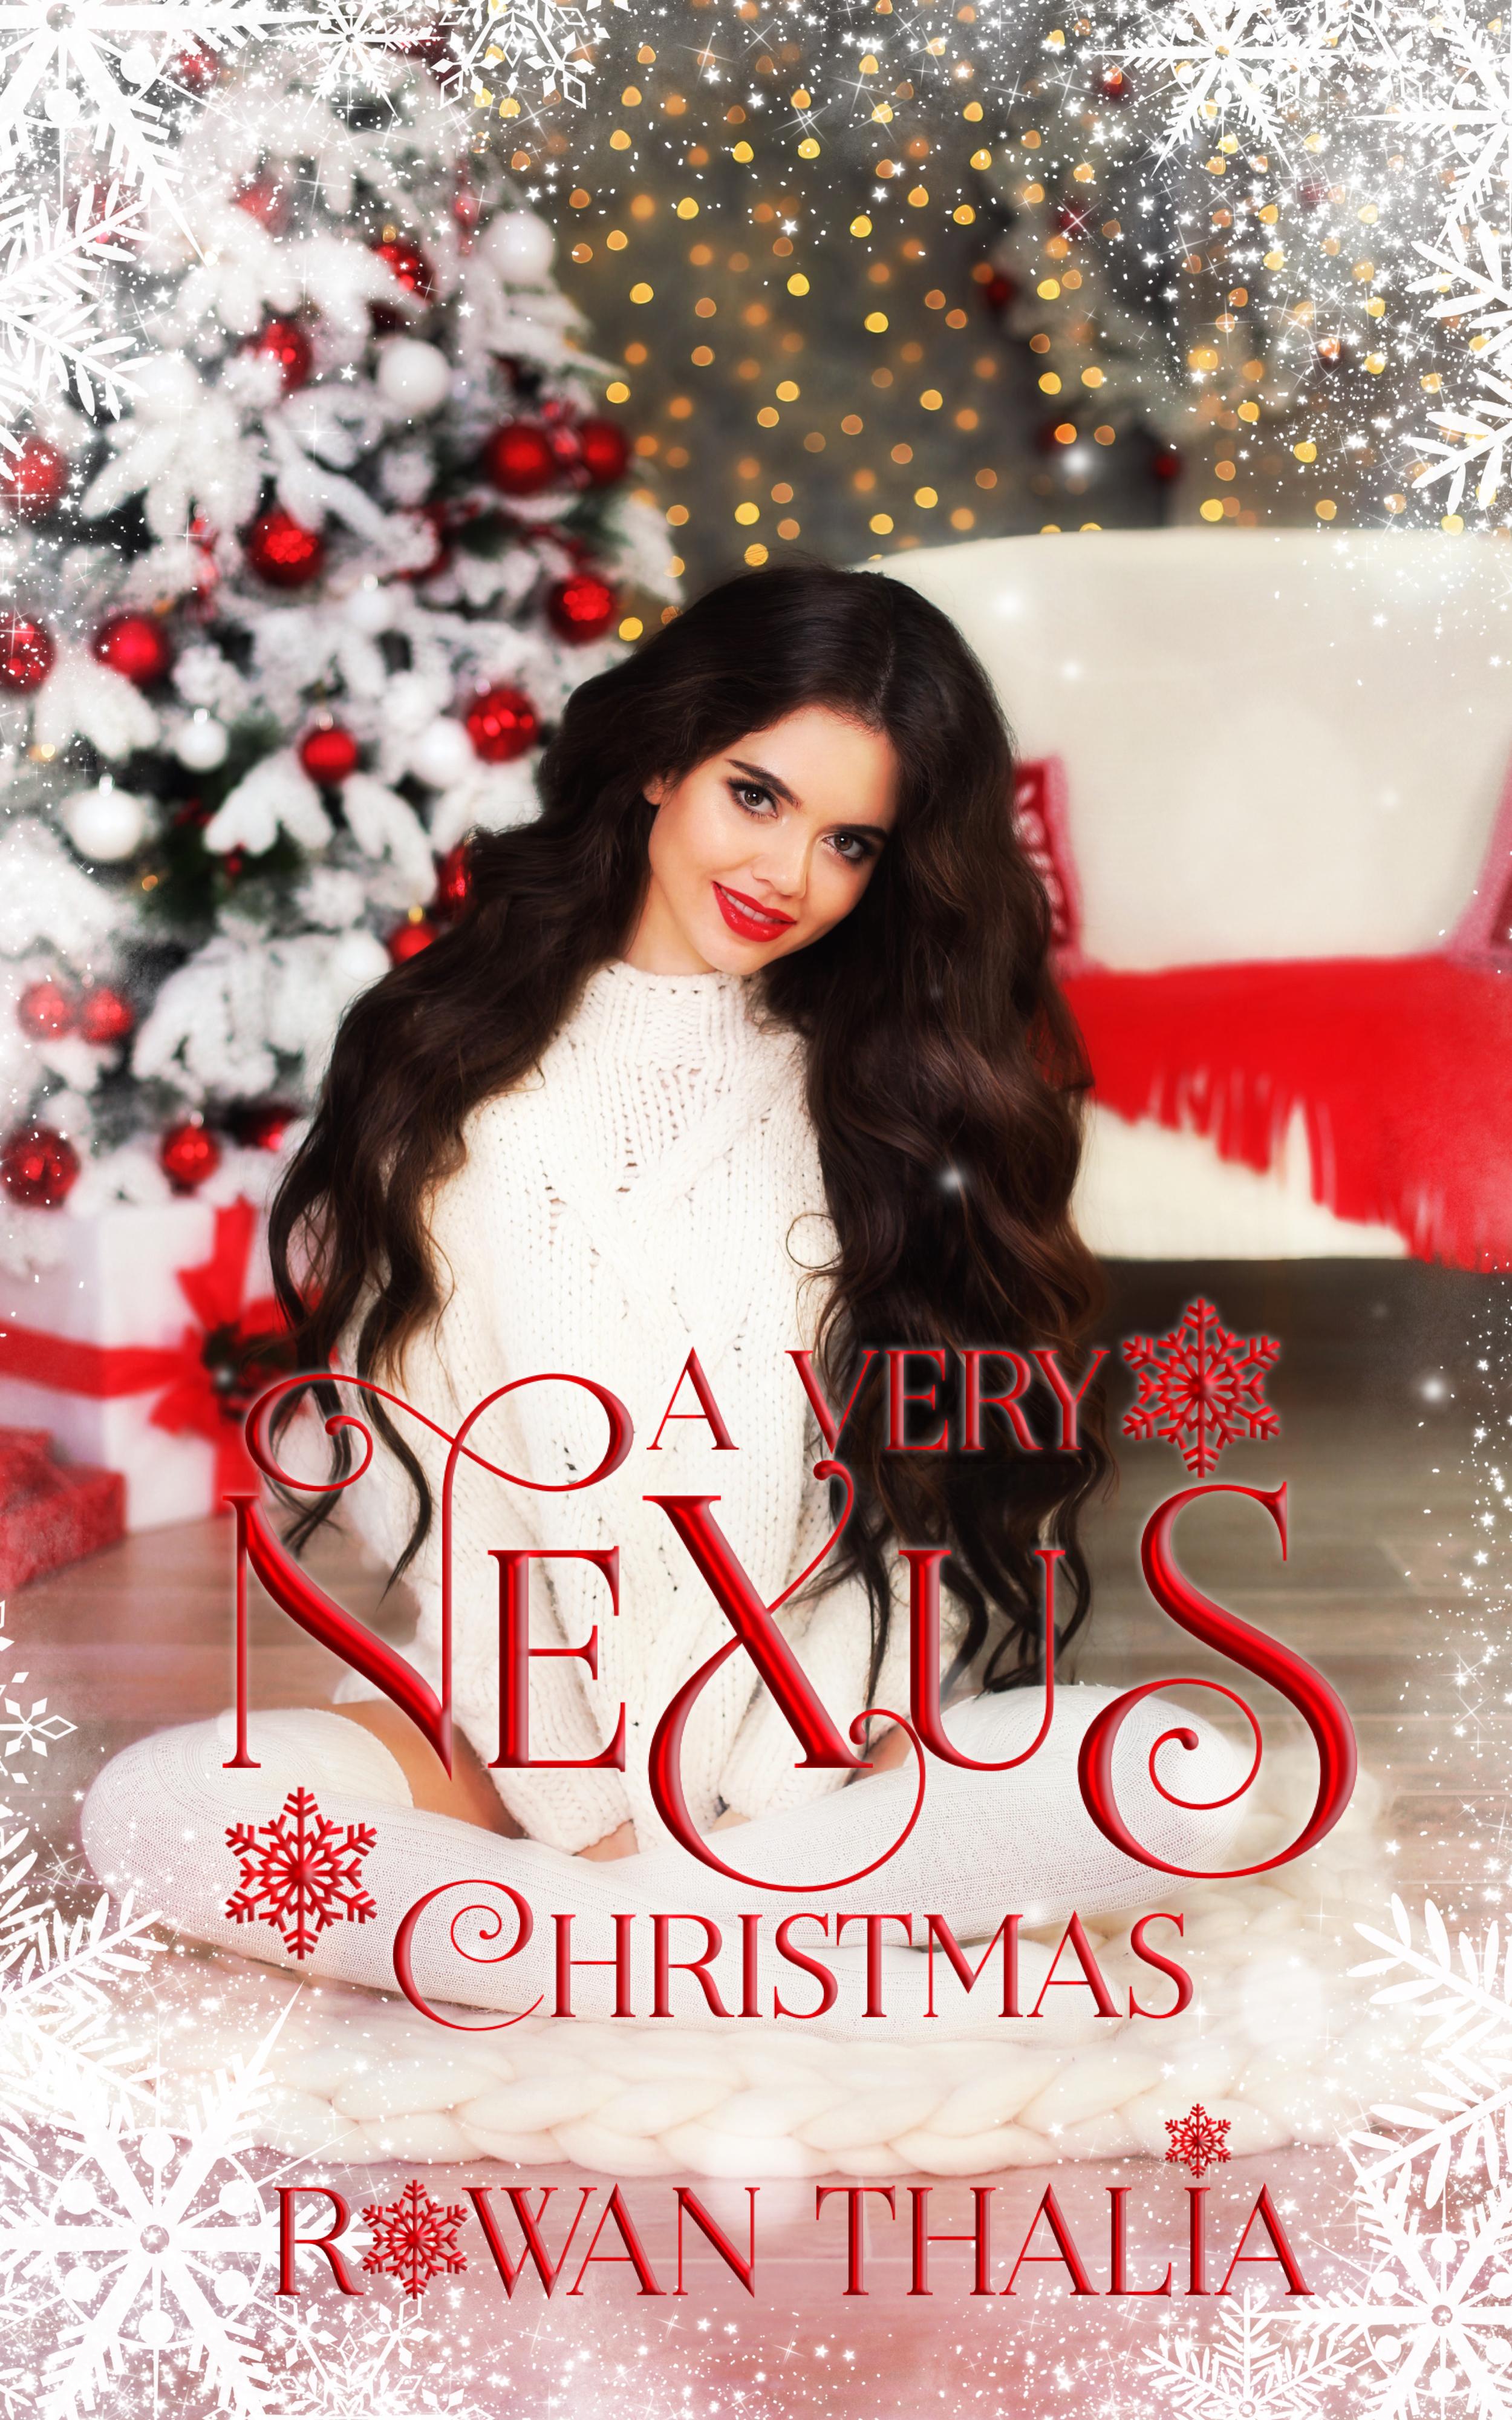 A Very Nexus Christmas